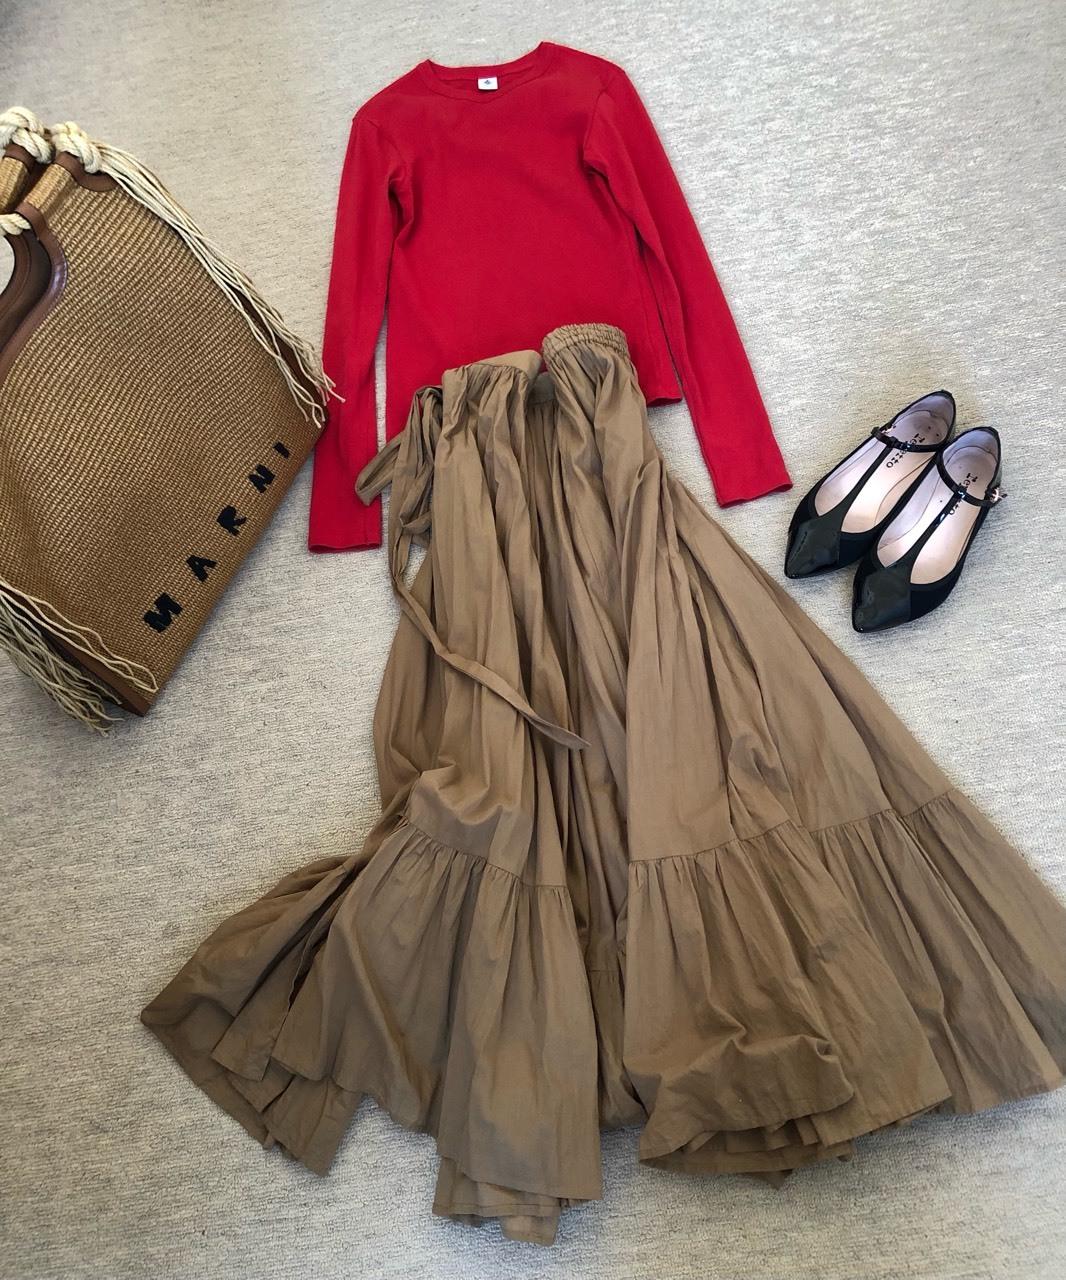 ティアードスカートが好き過ぎて❤︎_1_5